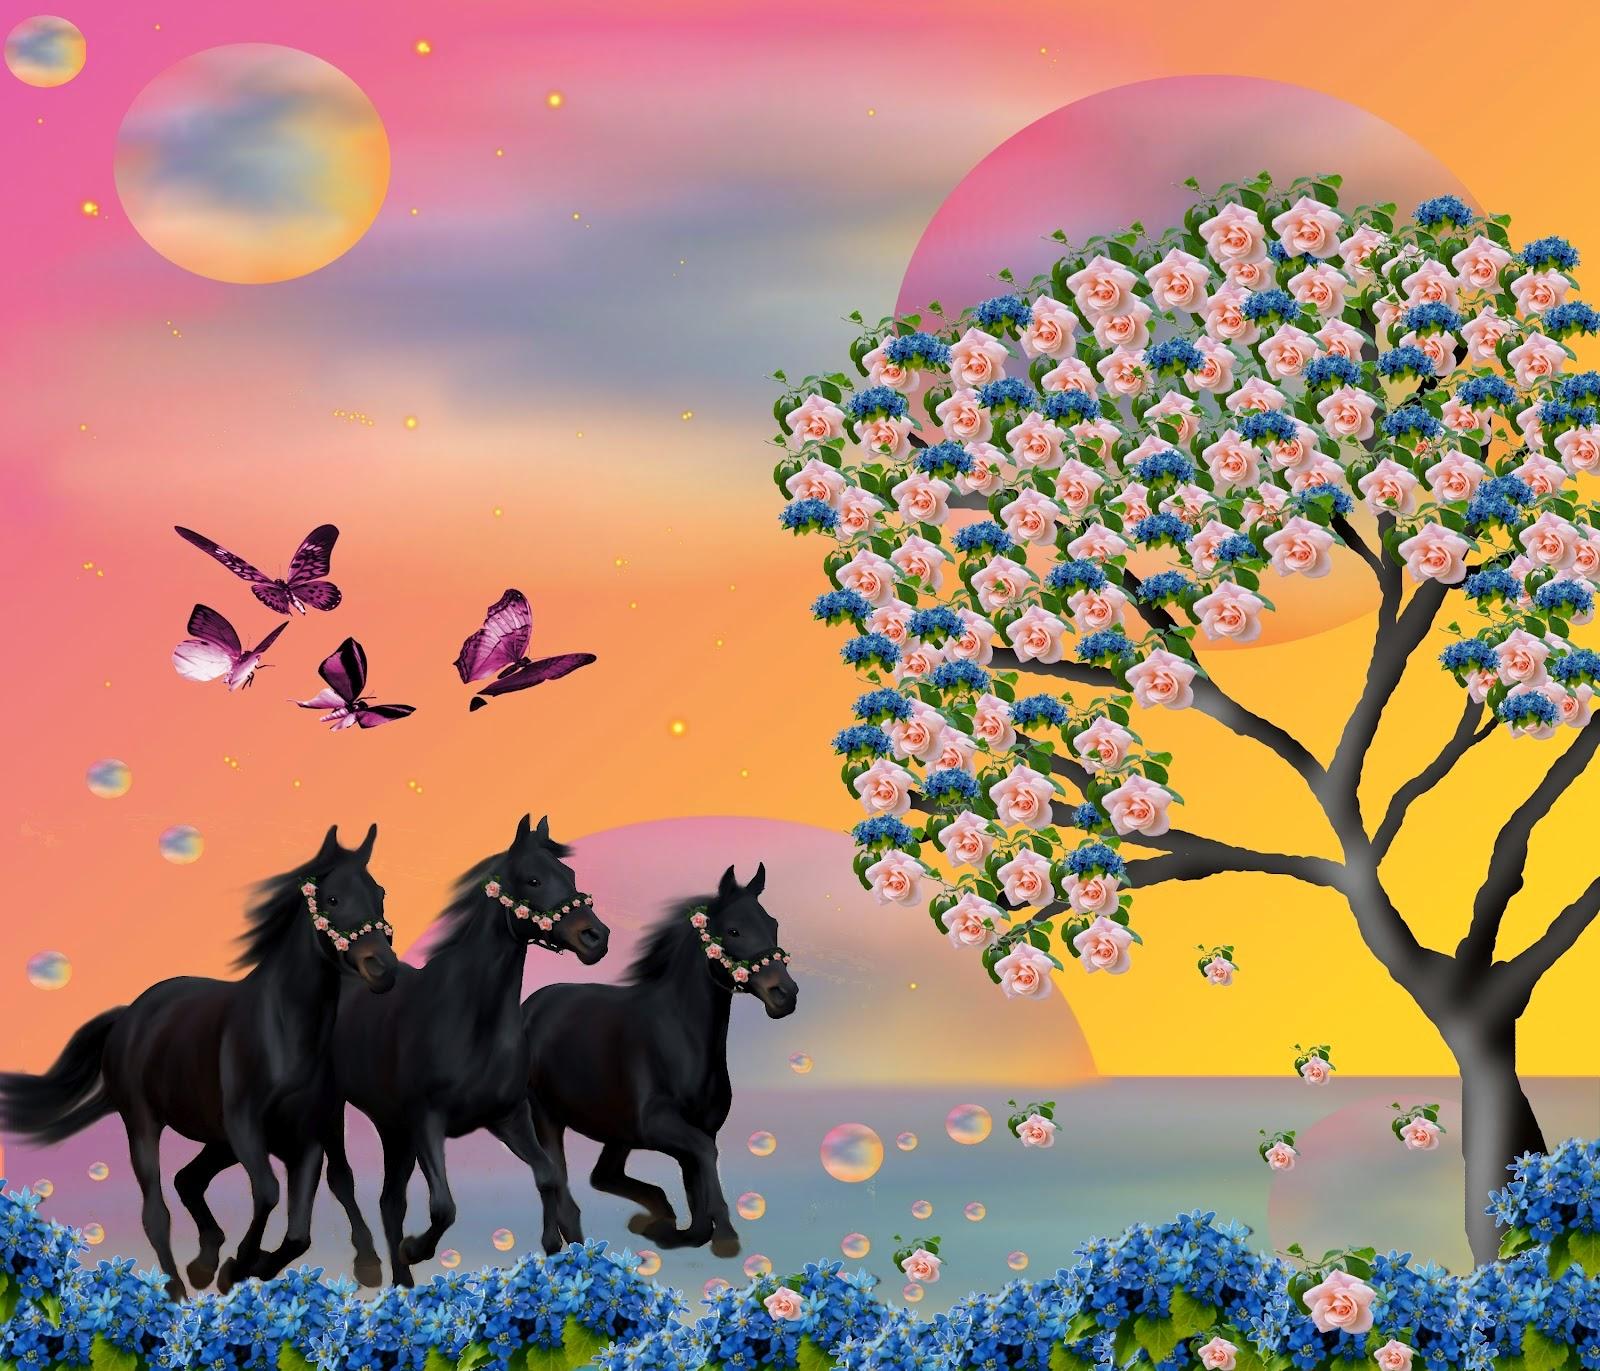 Bienvenidos al nuevo foro de apoyo a Noe #245 / 16.04.15 ~ 18.04.15 Pais+imaginario